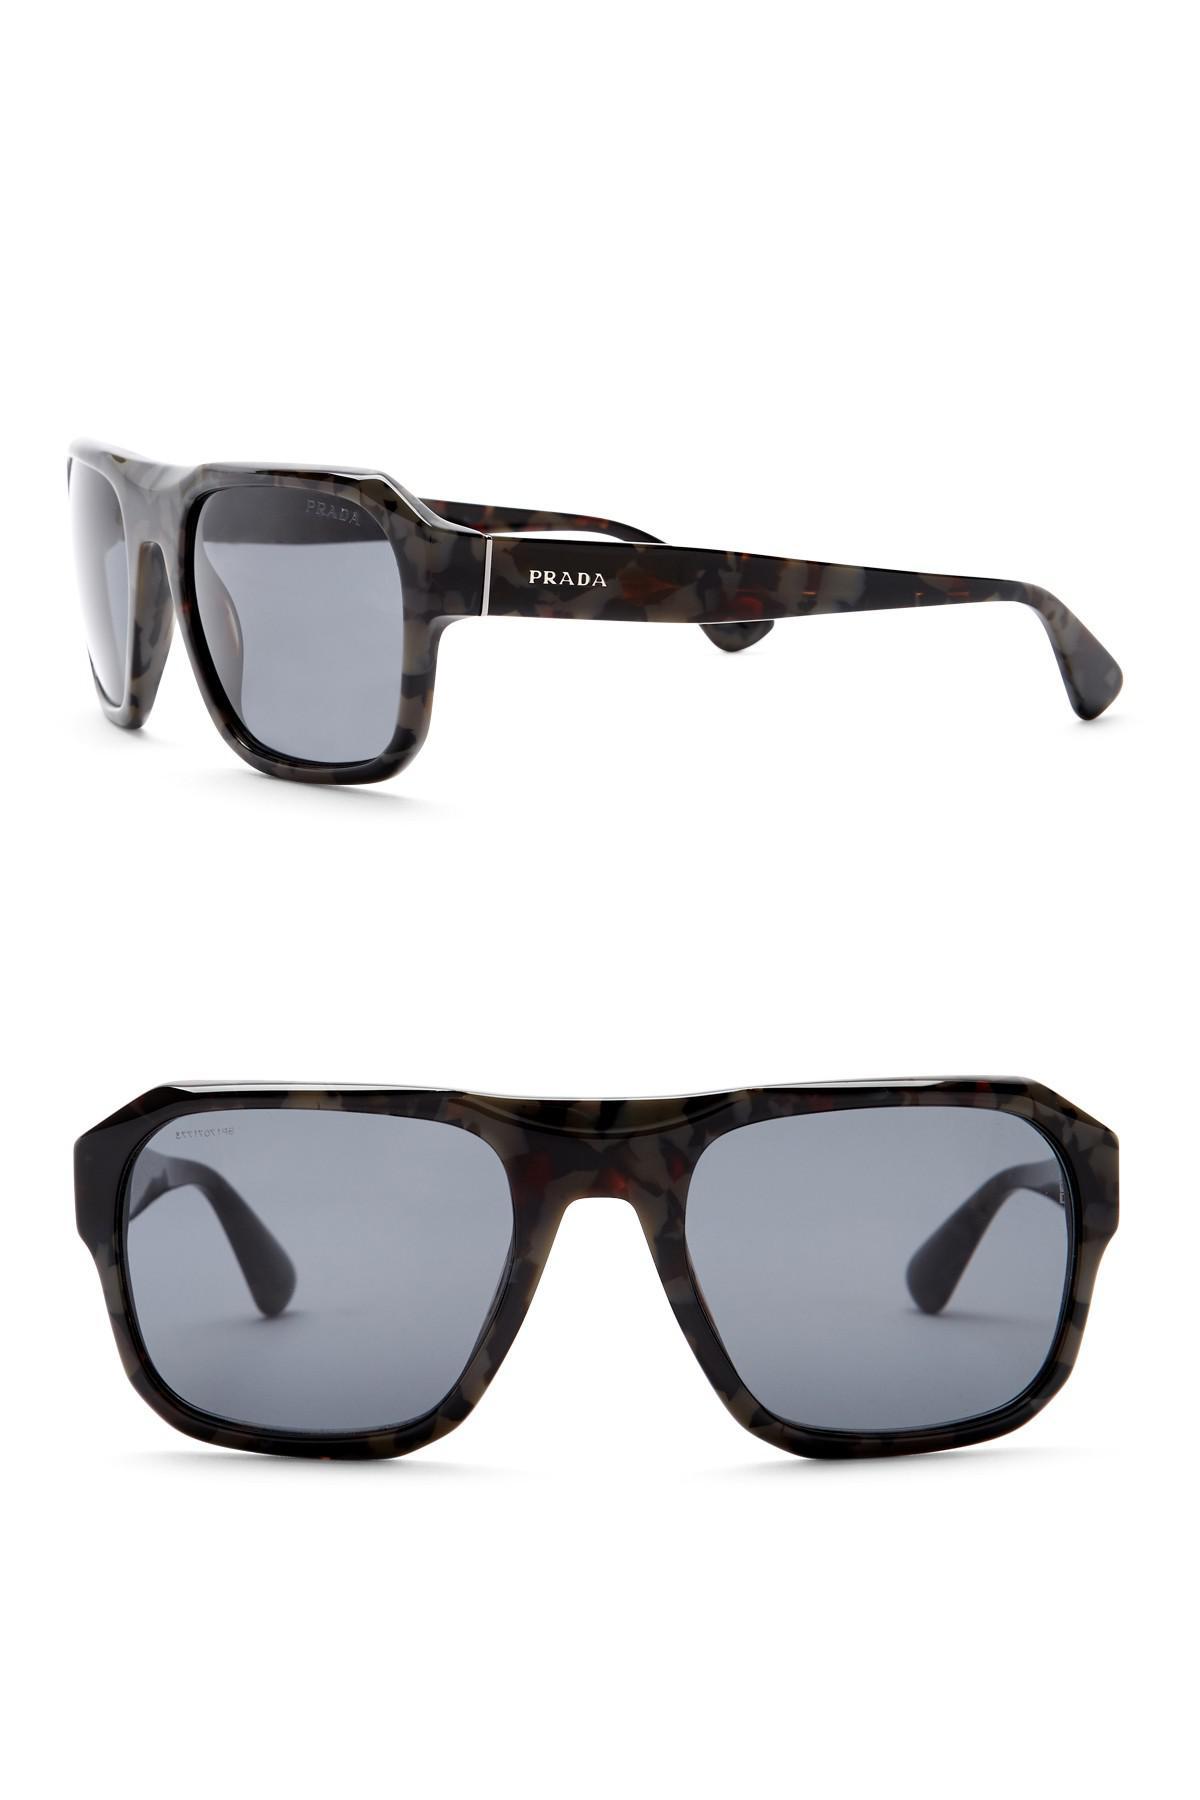 949b996926 ... switzerland lyst prada womens square conceptual 55mm sunglasses in gray  1c77e f3116